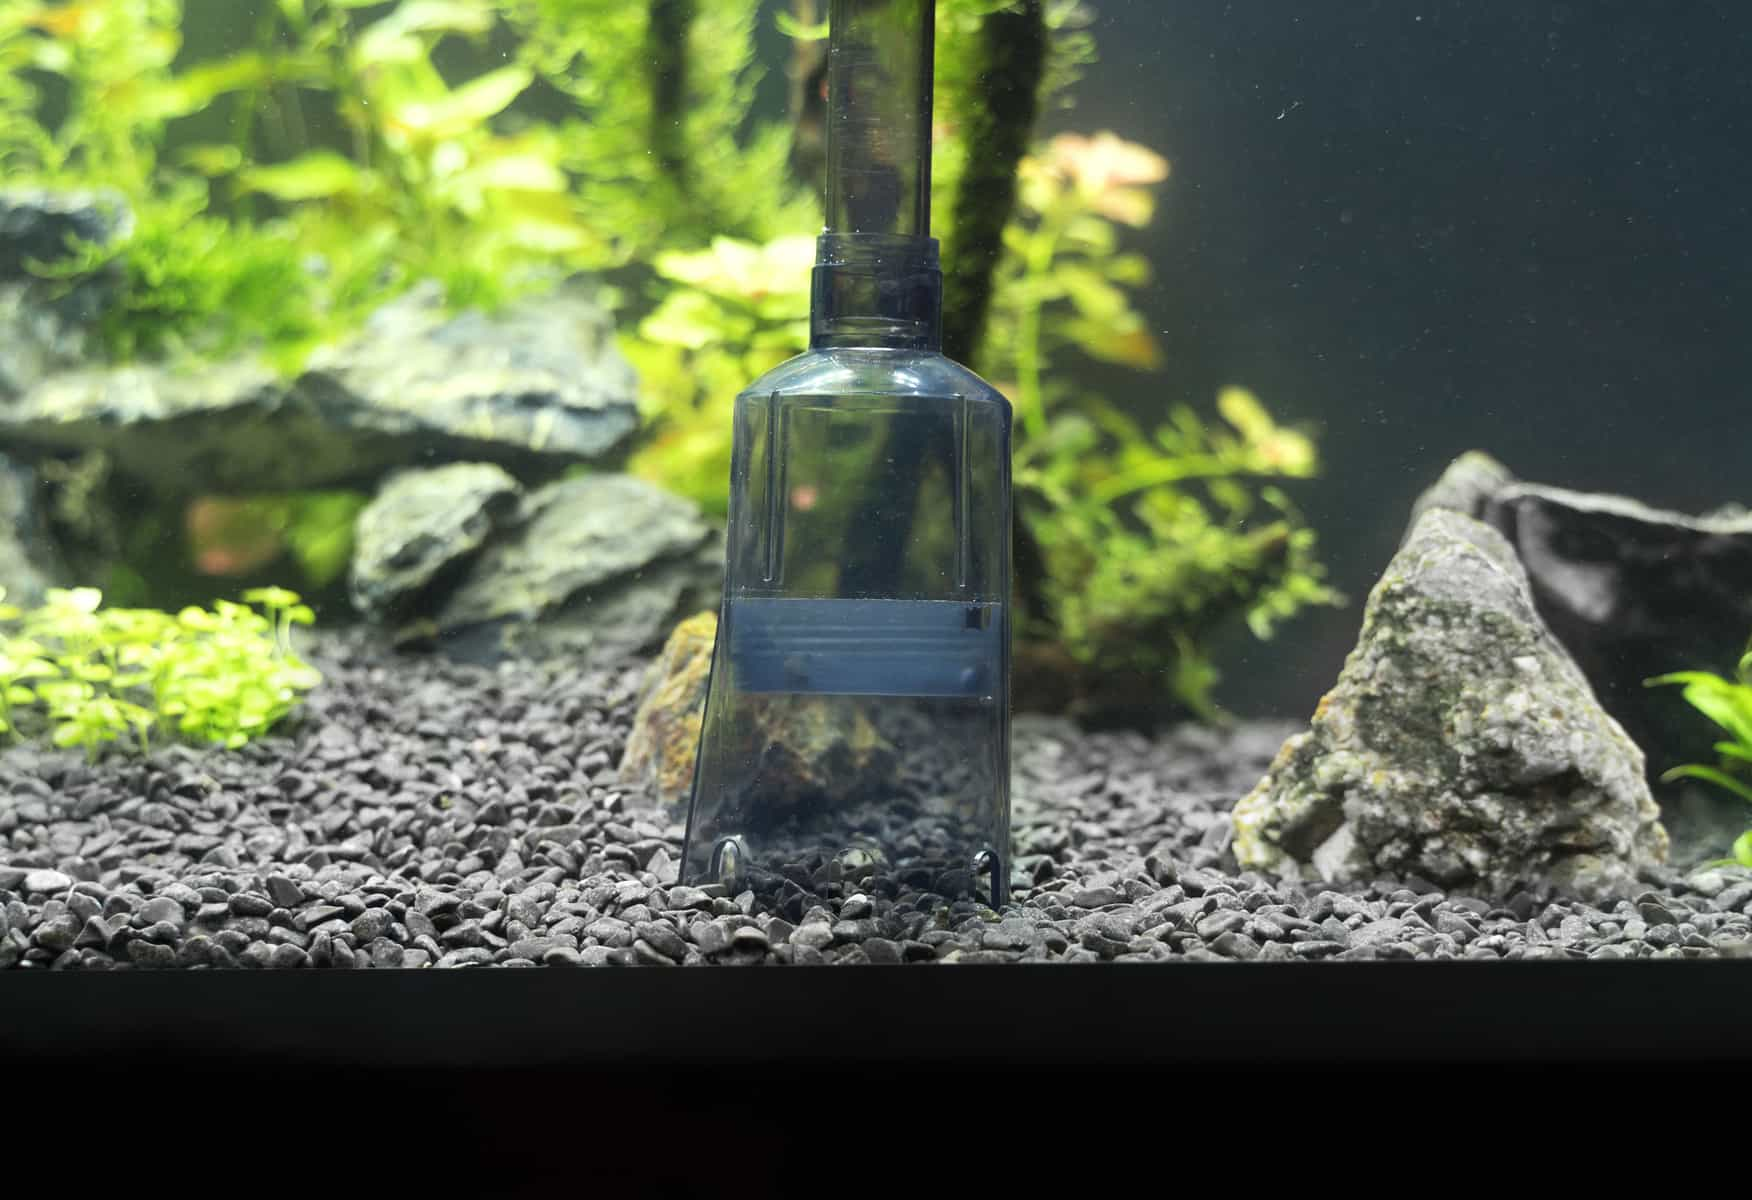 Aquarium Vacuum Cleaner